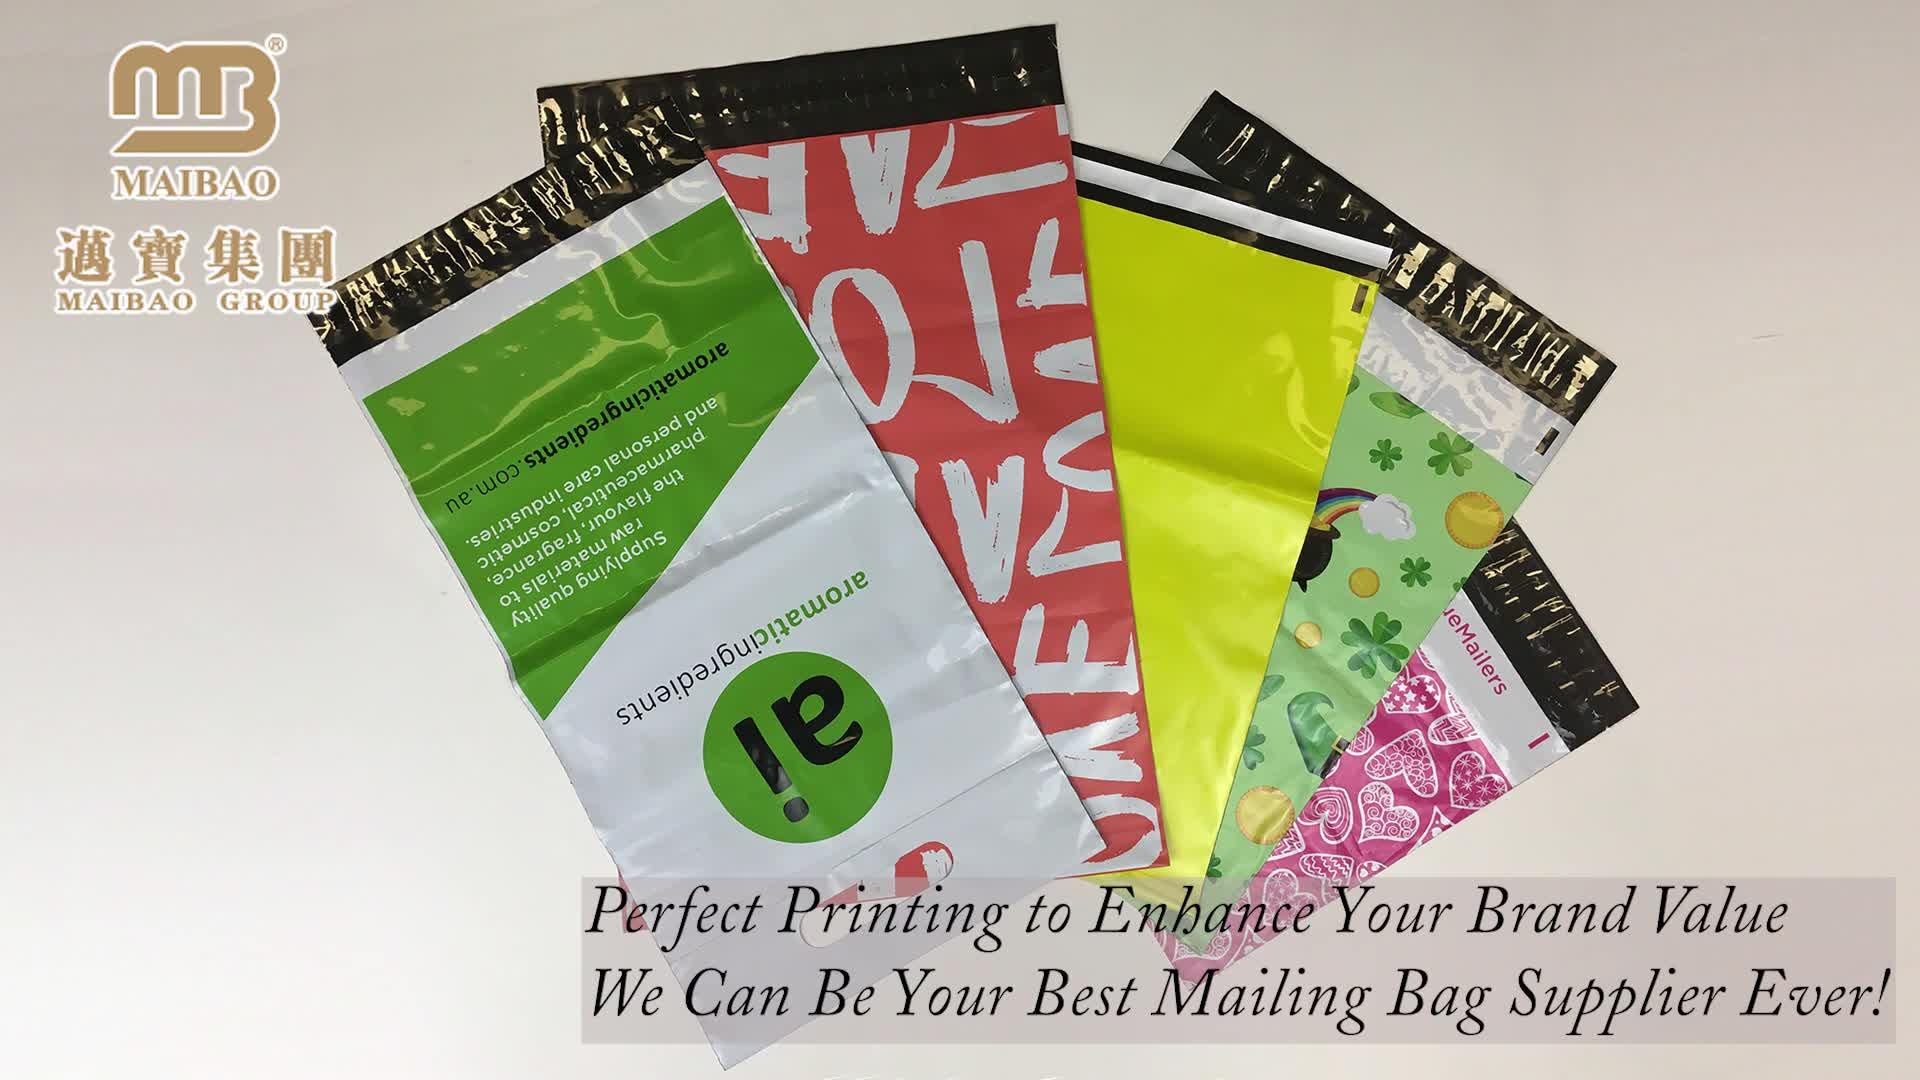 आंसू सबूत पुनर्नवीनीकरण प्लास्टिक कूरियर मेलिंग शिपिंग पैकेज कस्टम मुद्रित पाली मेलर बैग के लिए कपड़े